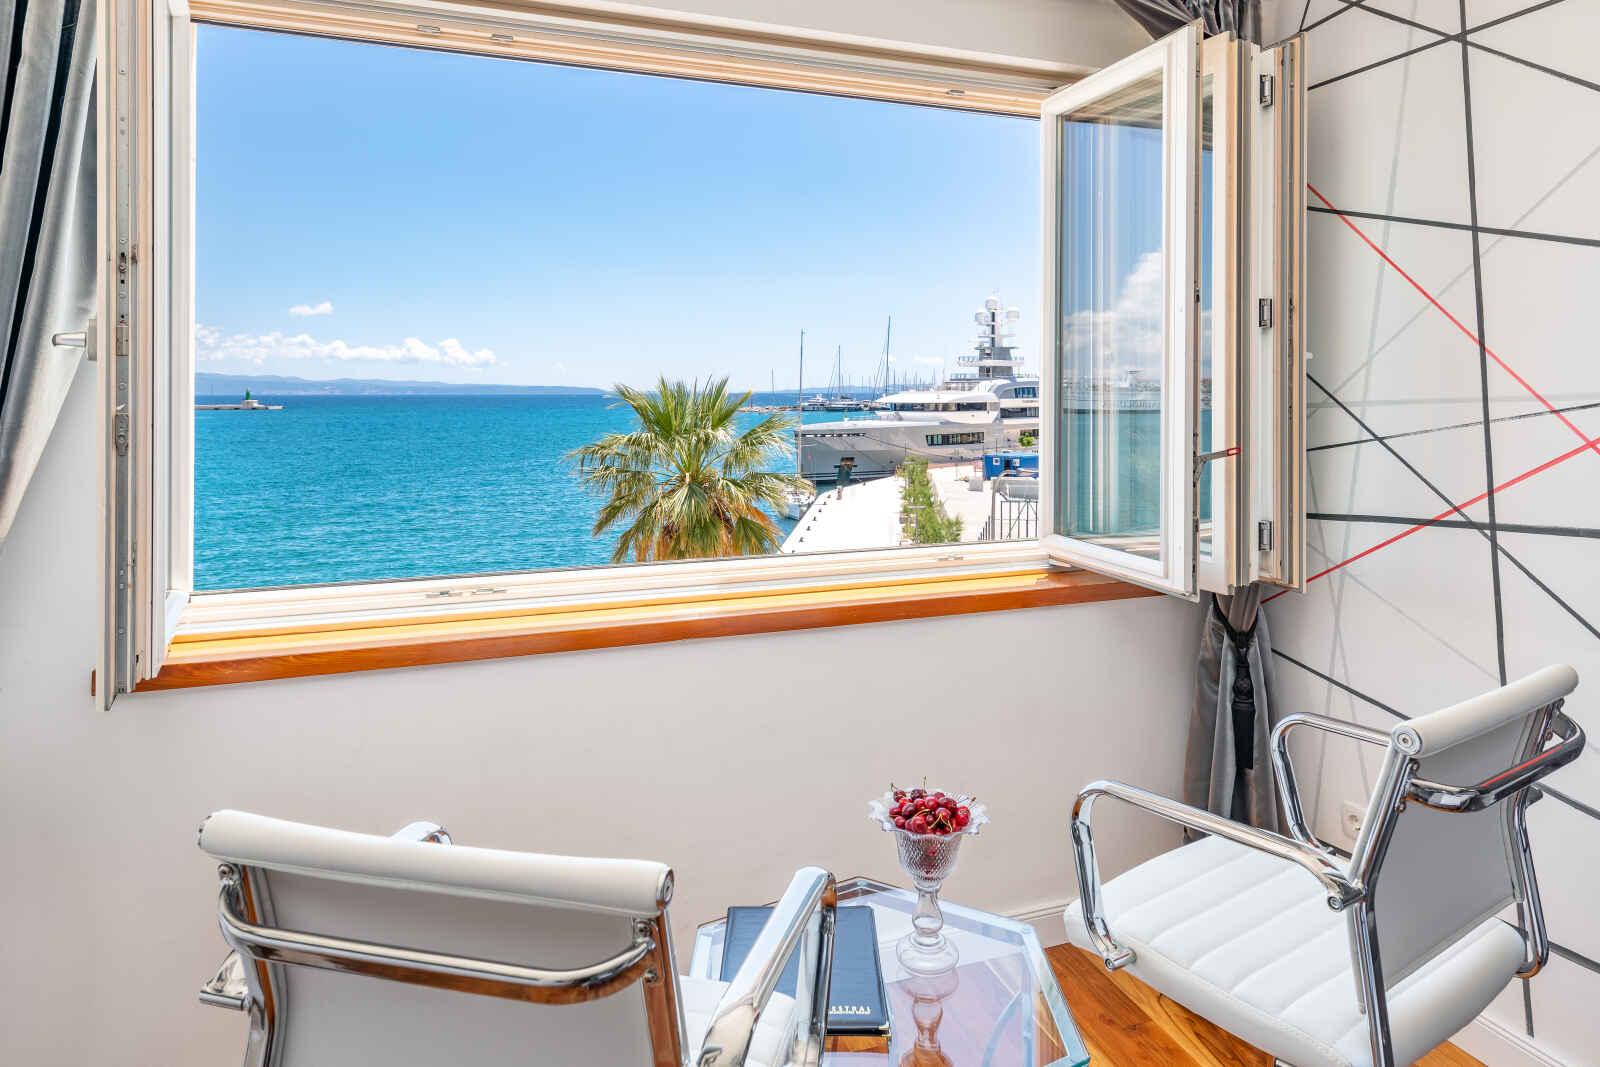 Séjour Croatie - Galeria Valeria Seaside Downtown - Split - 4*